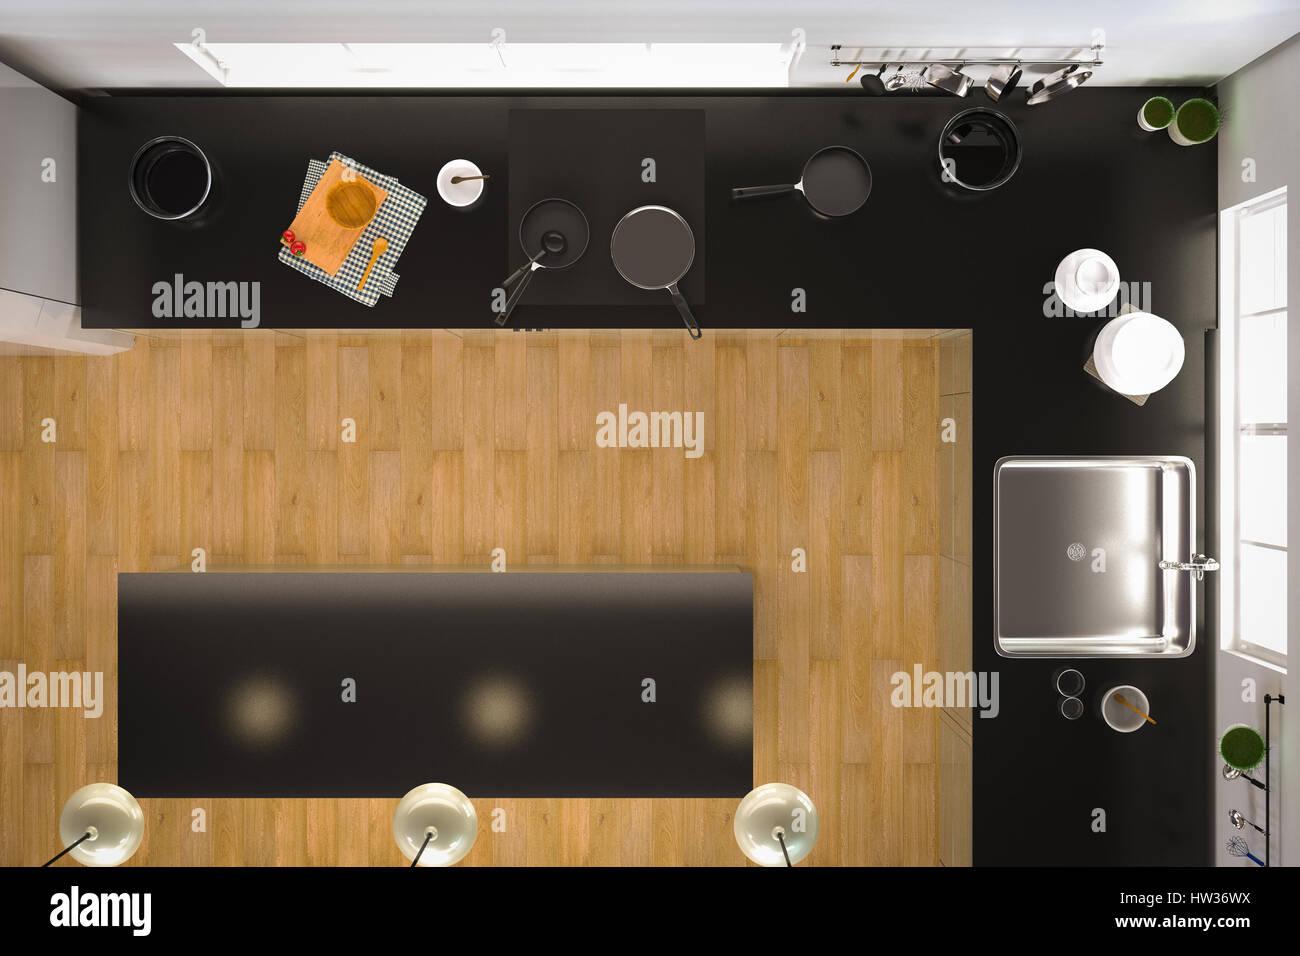 Kitchen Top View : D rendering kitchen interior top view with wooden floor